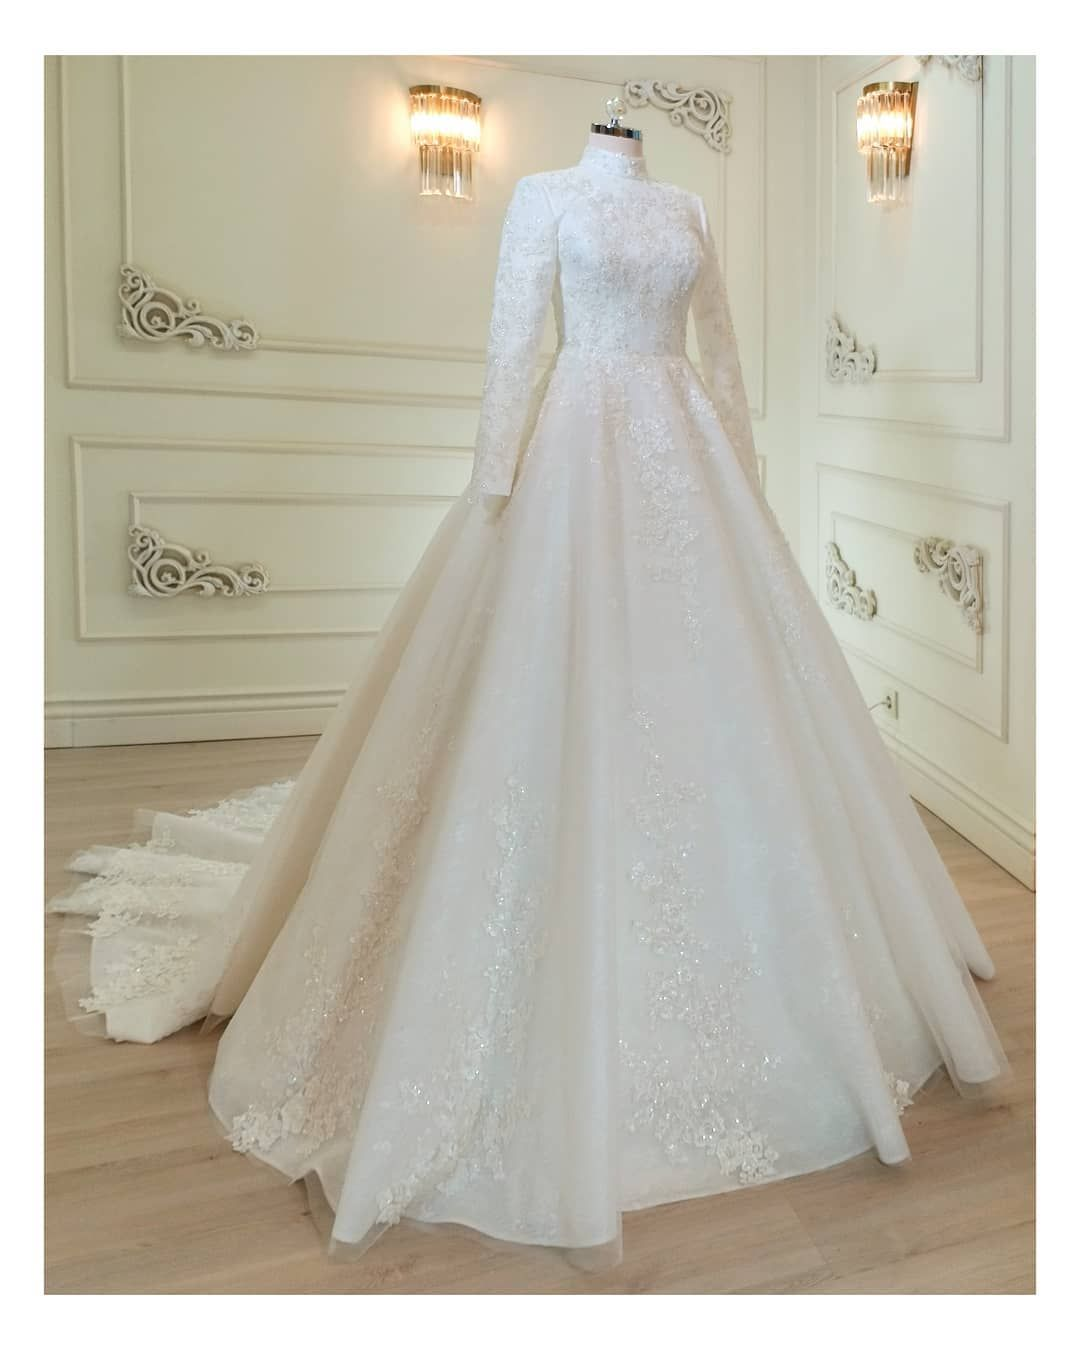 1c6c8a5728b8f Görüntünün olası içeriği: bir veya daha fazla kişi ve düğün | en ...